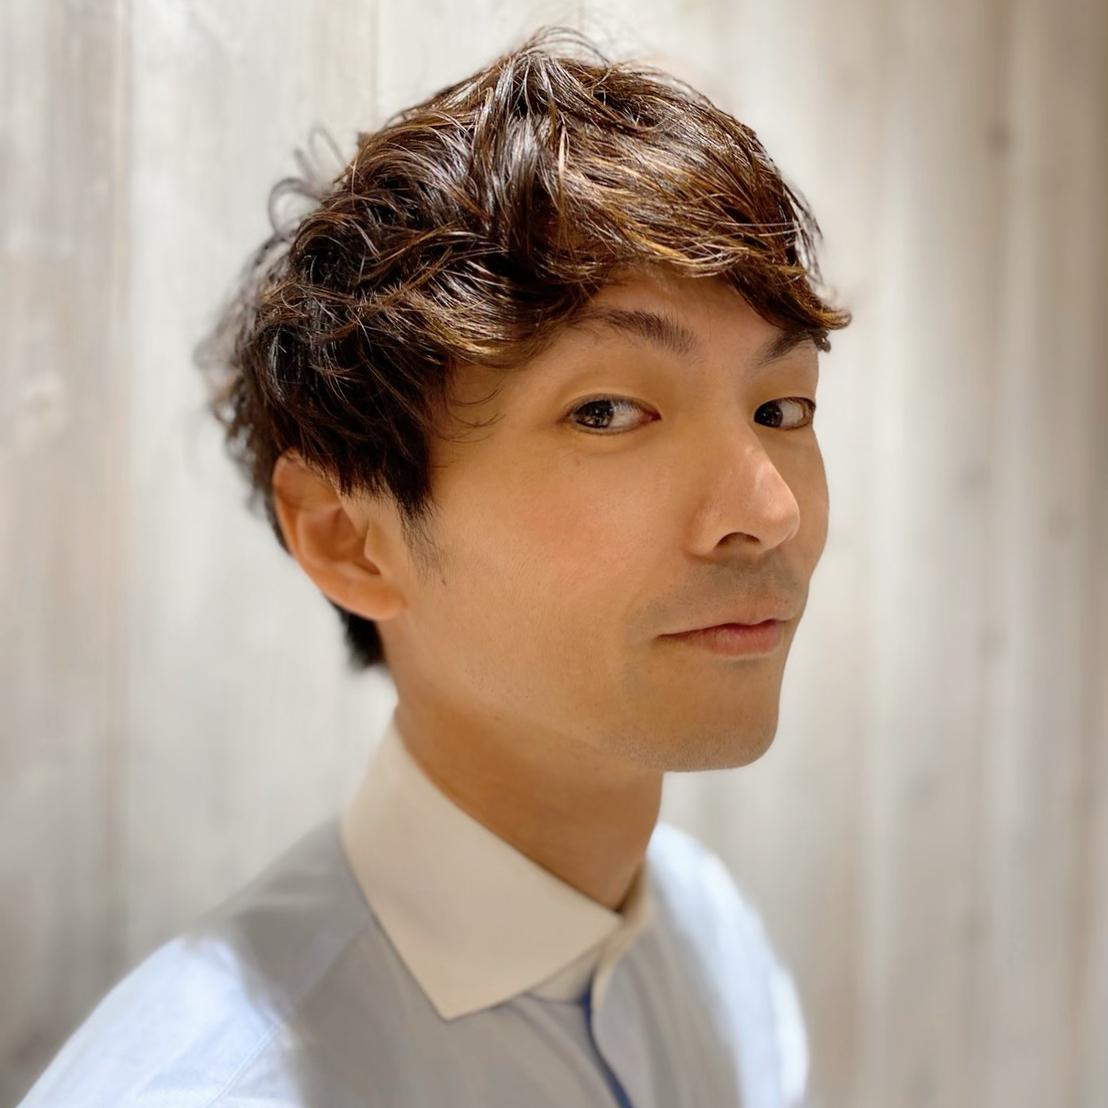 Yohei Maruyama